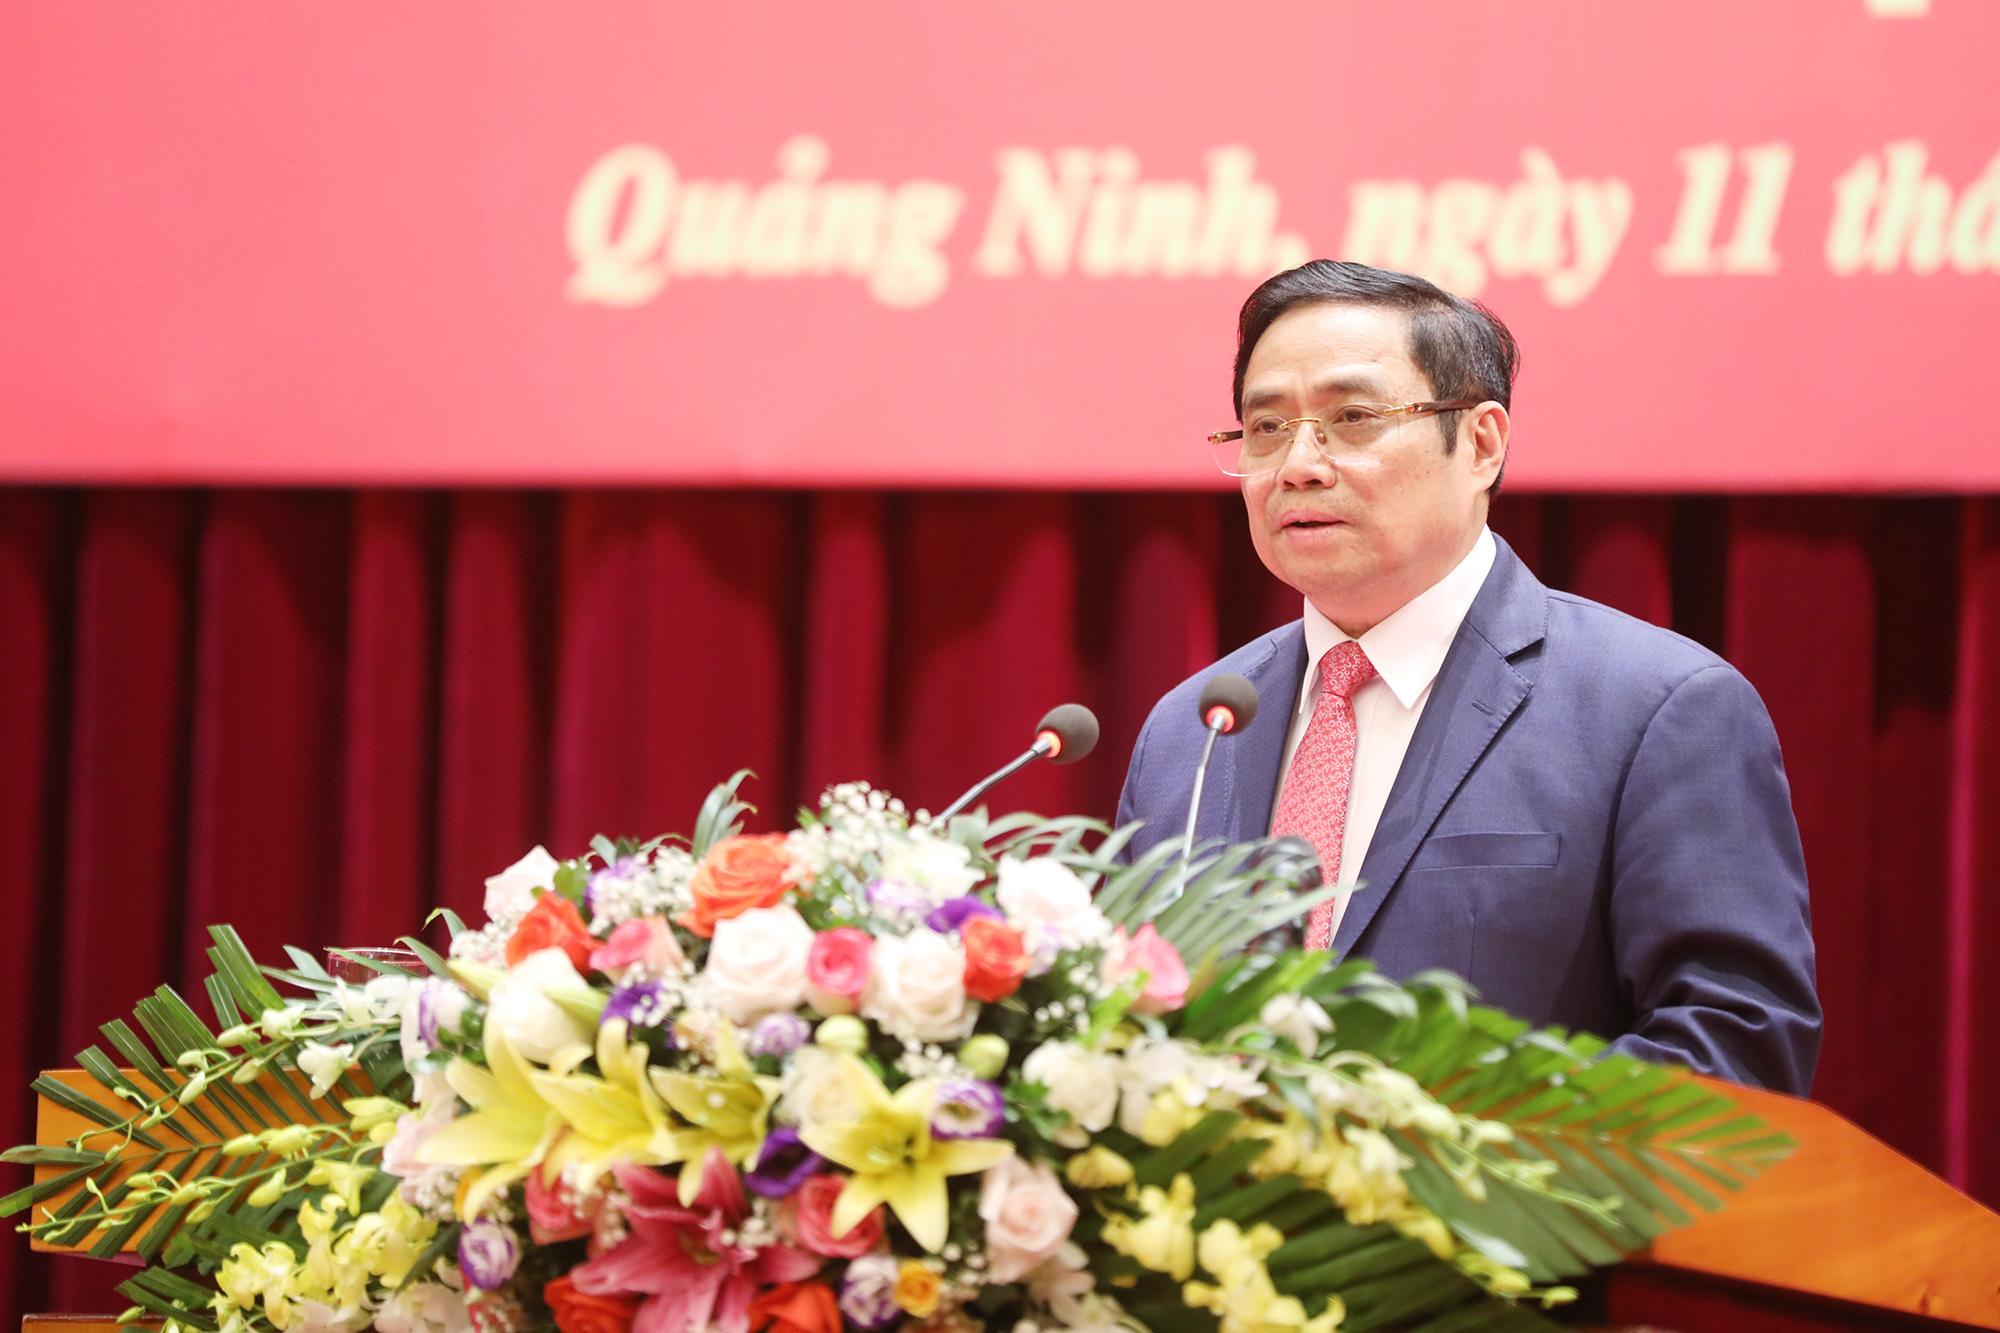 Chủ tịch tỉnh Quảng Ninh được giới thiệu để bầu Bí thư Điện Biên